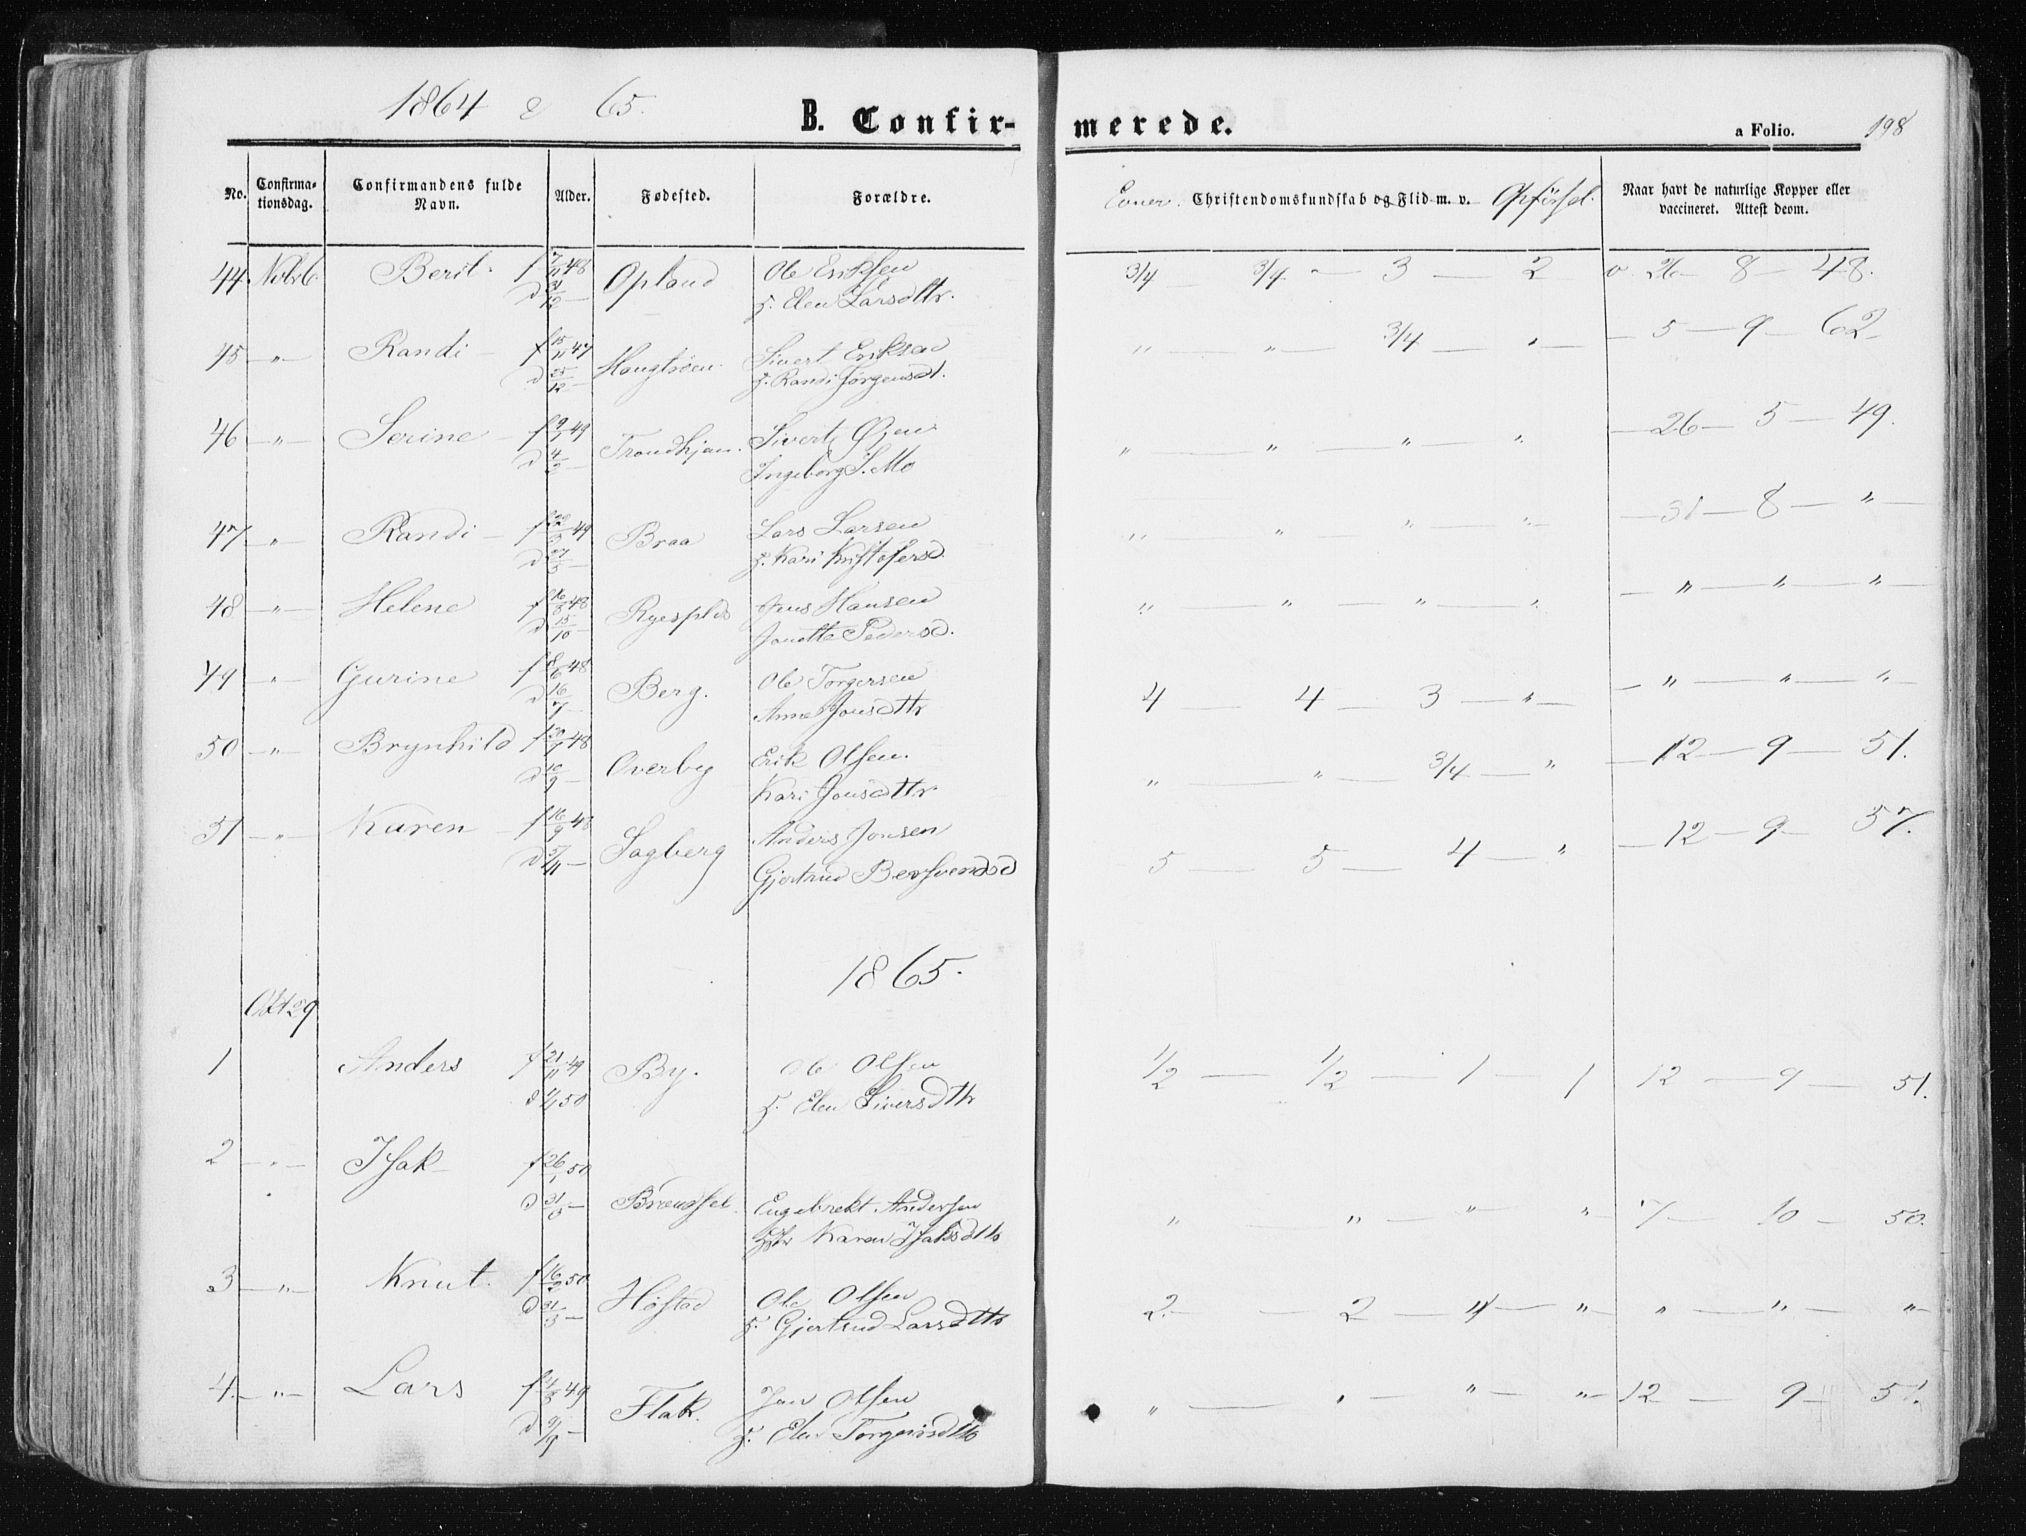 SAT, Ministerialprotokoller, klokkerbøker og fødselsregistre - Sør-Trøndelag, 612/L0377: Ministerialbok nr. 612A09, 1859-1877, s. 198